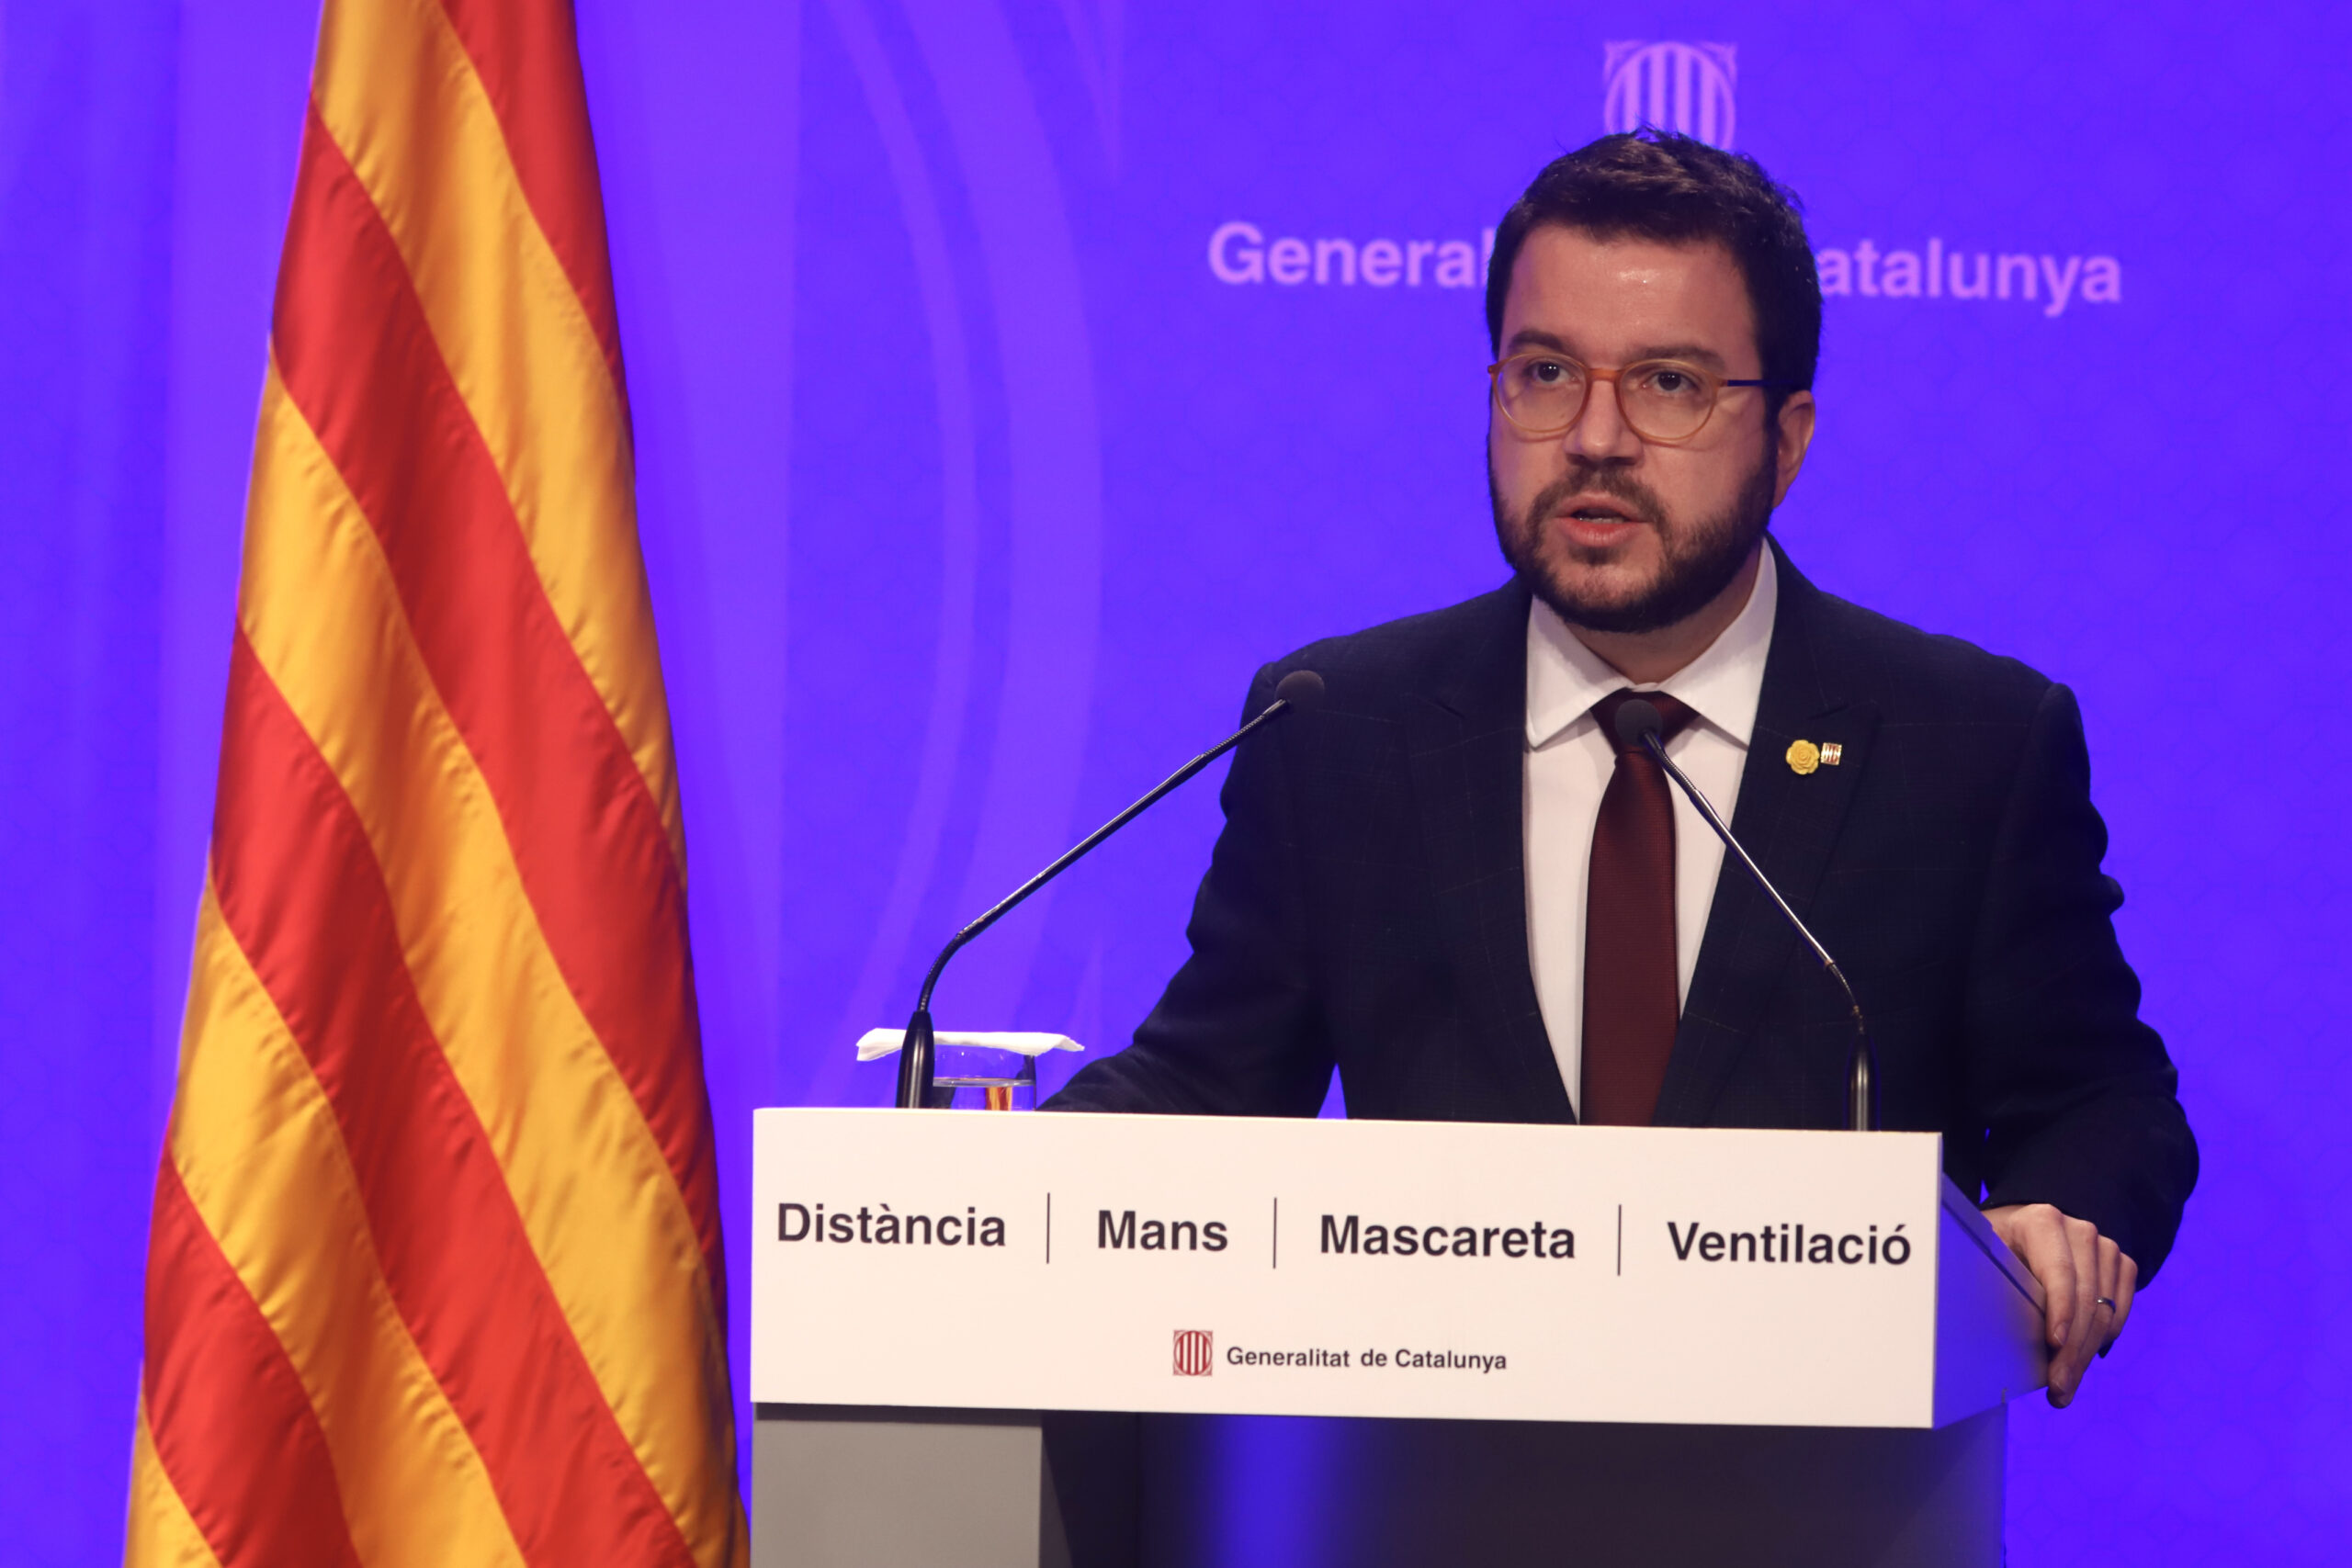 El vicepresident del Govern amb funcions de president, Pere Aragonès | ACN